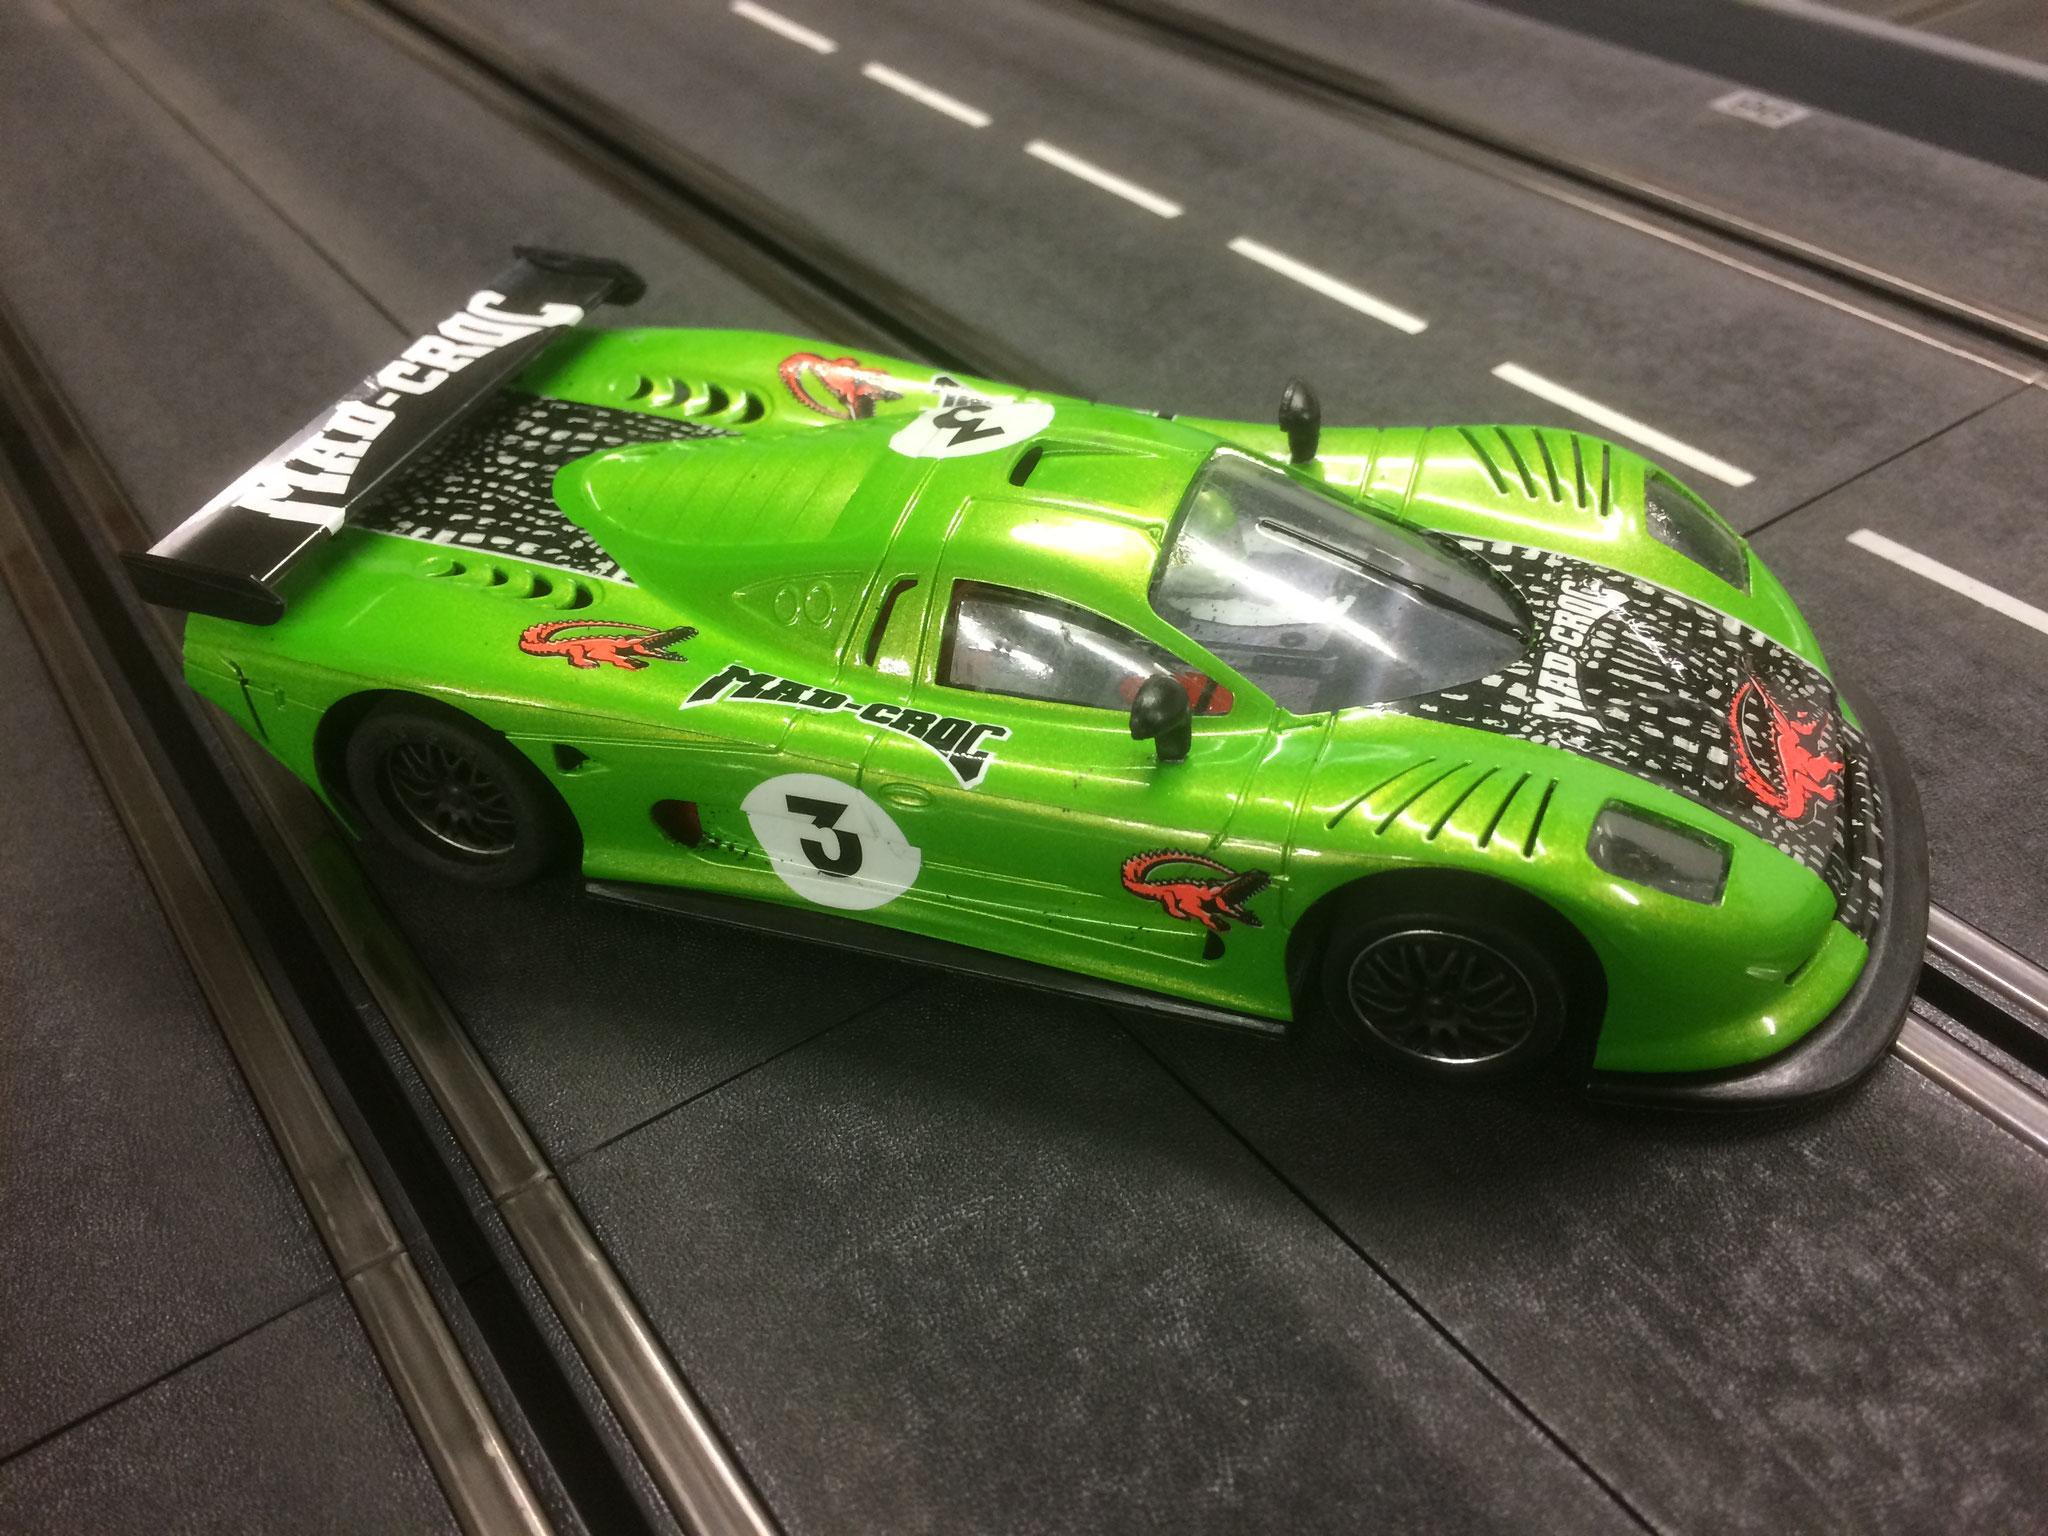 MOSLER GT von Markus - Das Krokodil mit alternativem Chassis